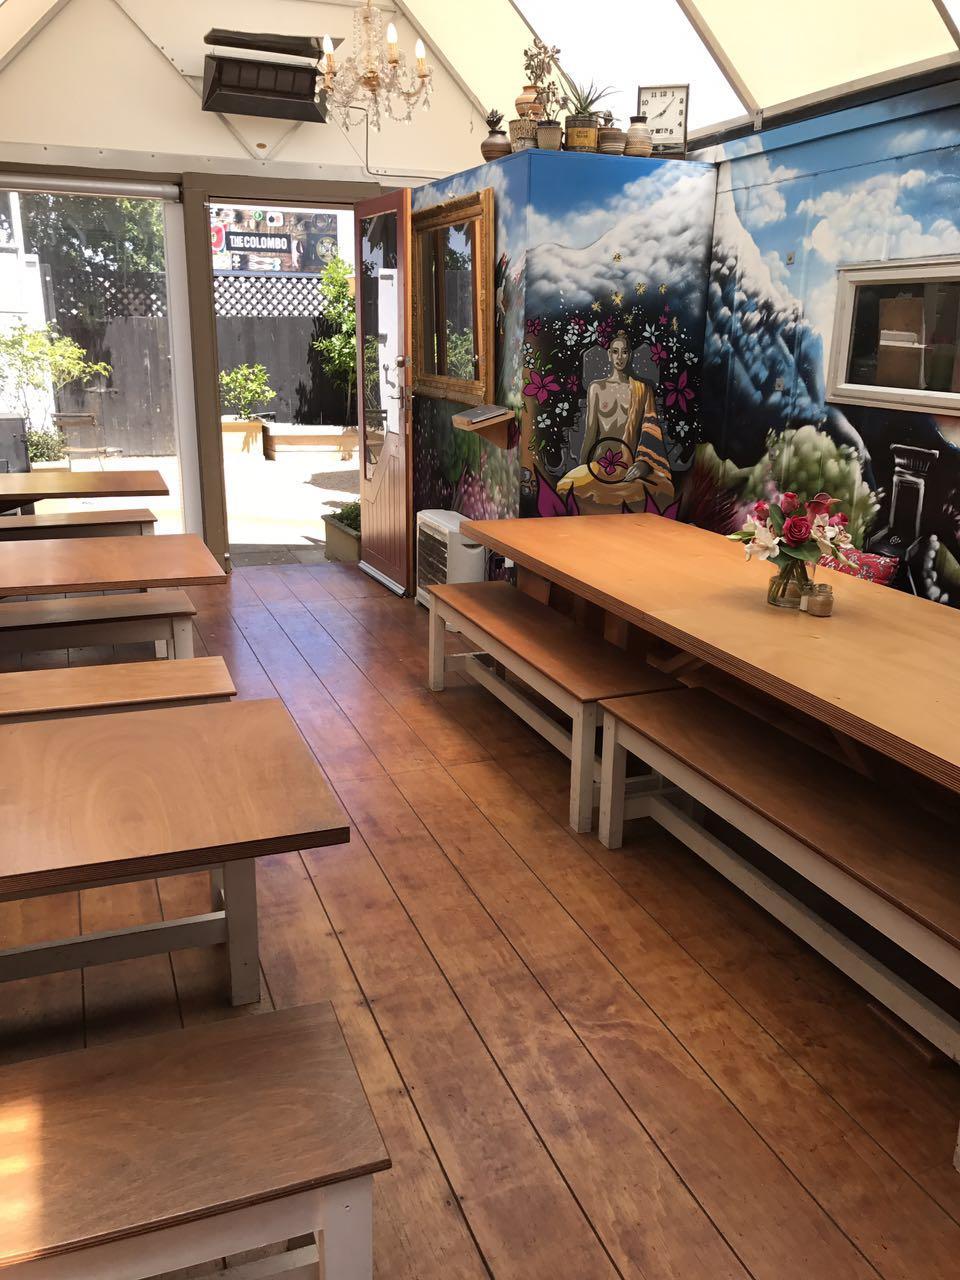 咖啡屋的户外庭院